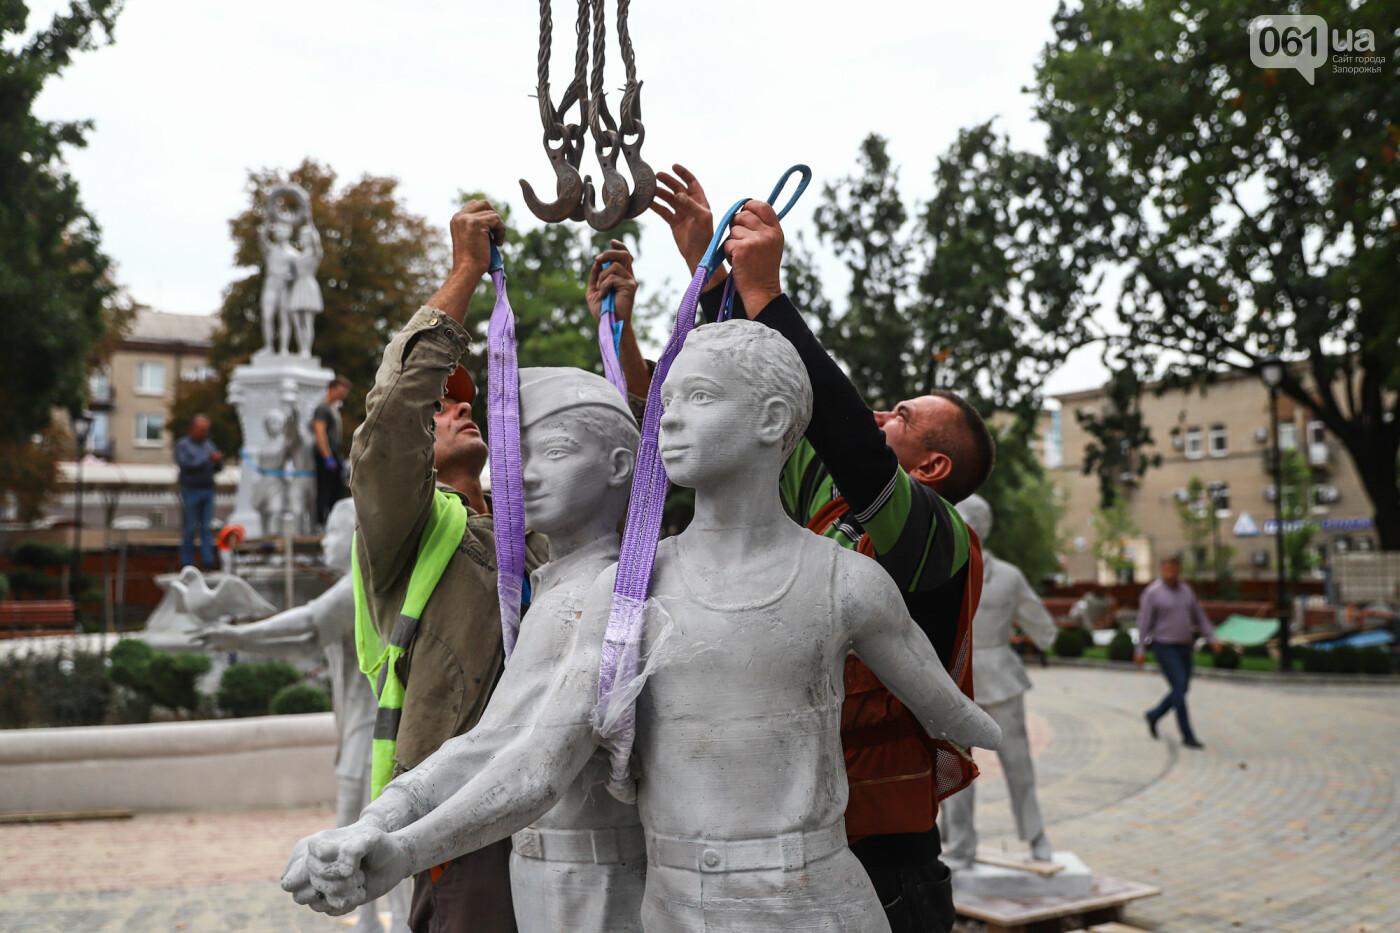 ЛГБТ-прайд, эко-митинг и восстановленные скульптуры в сквере Пионеров: сентябрь в фотографиях , фото-136